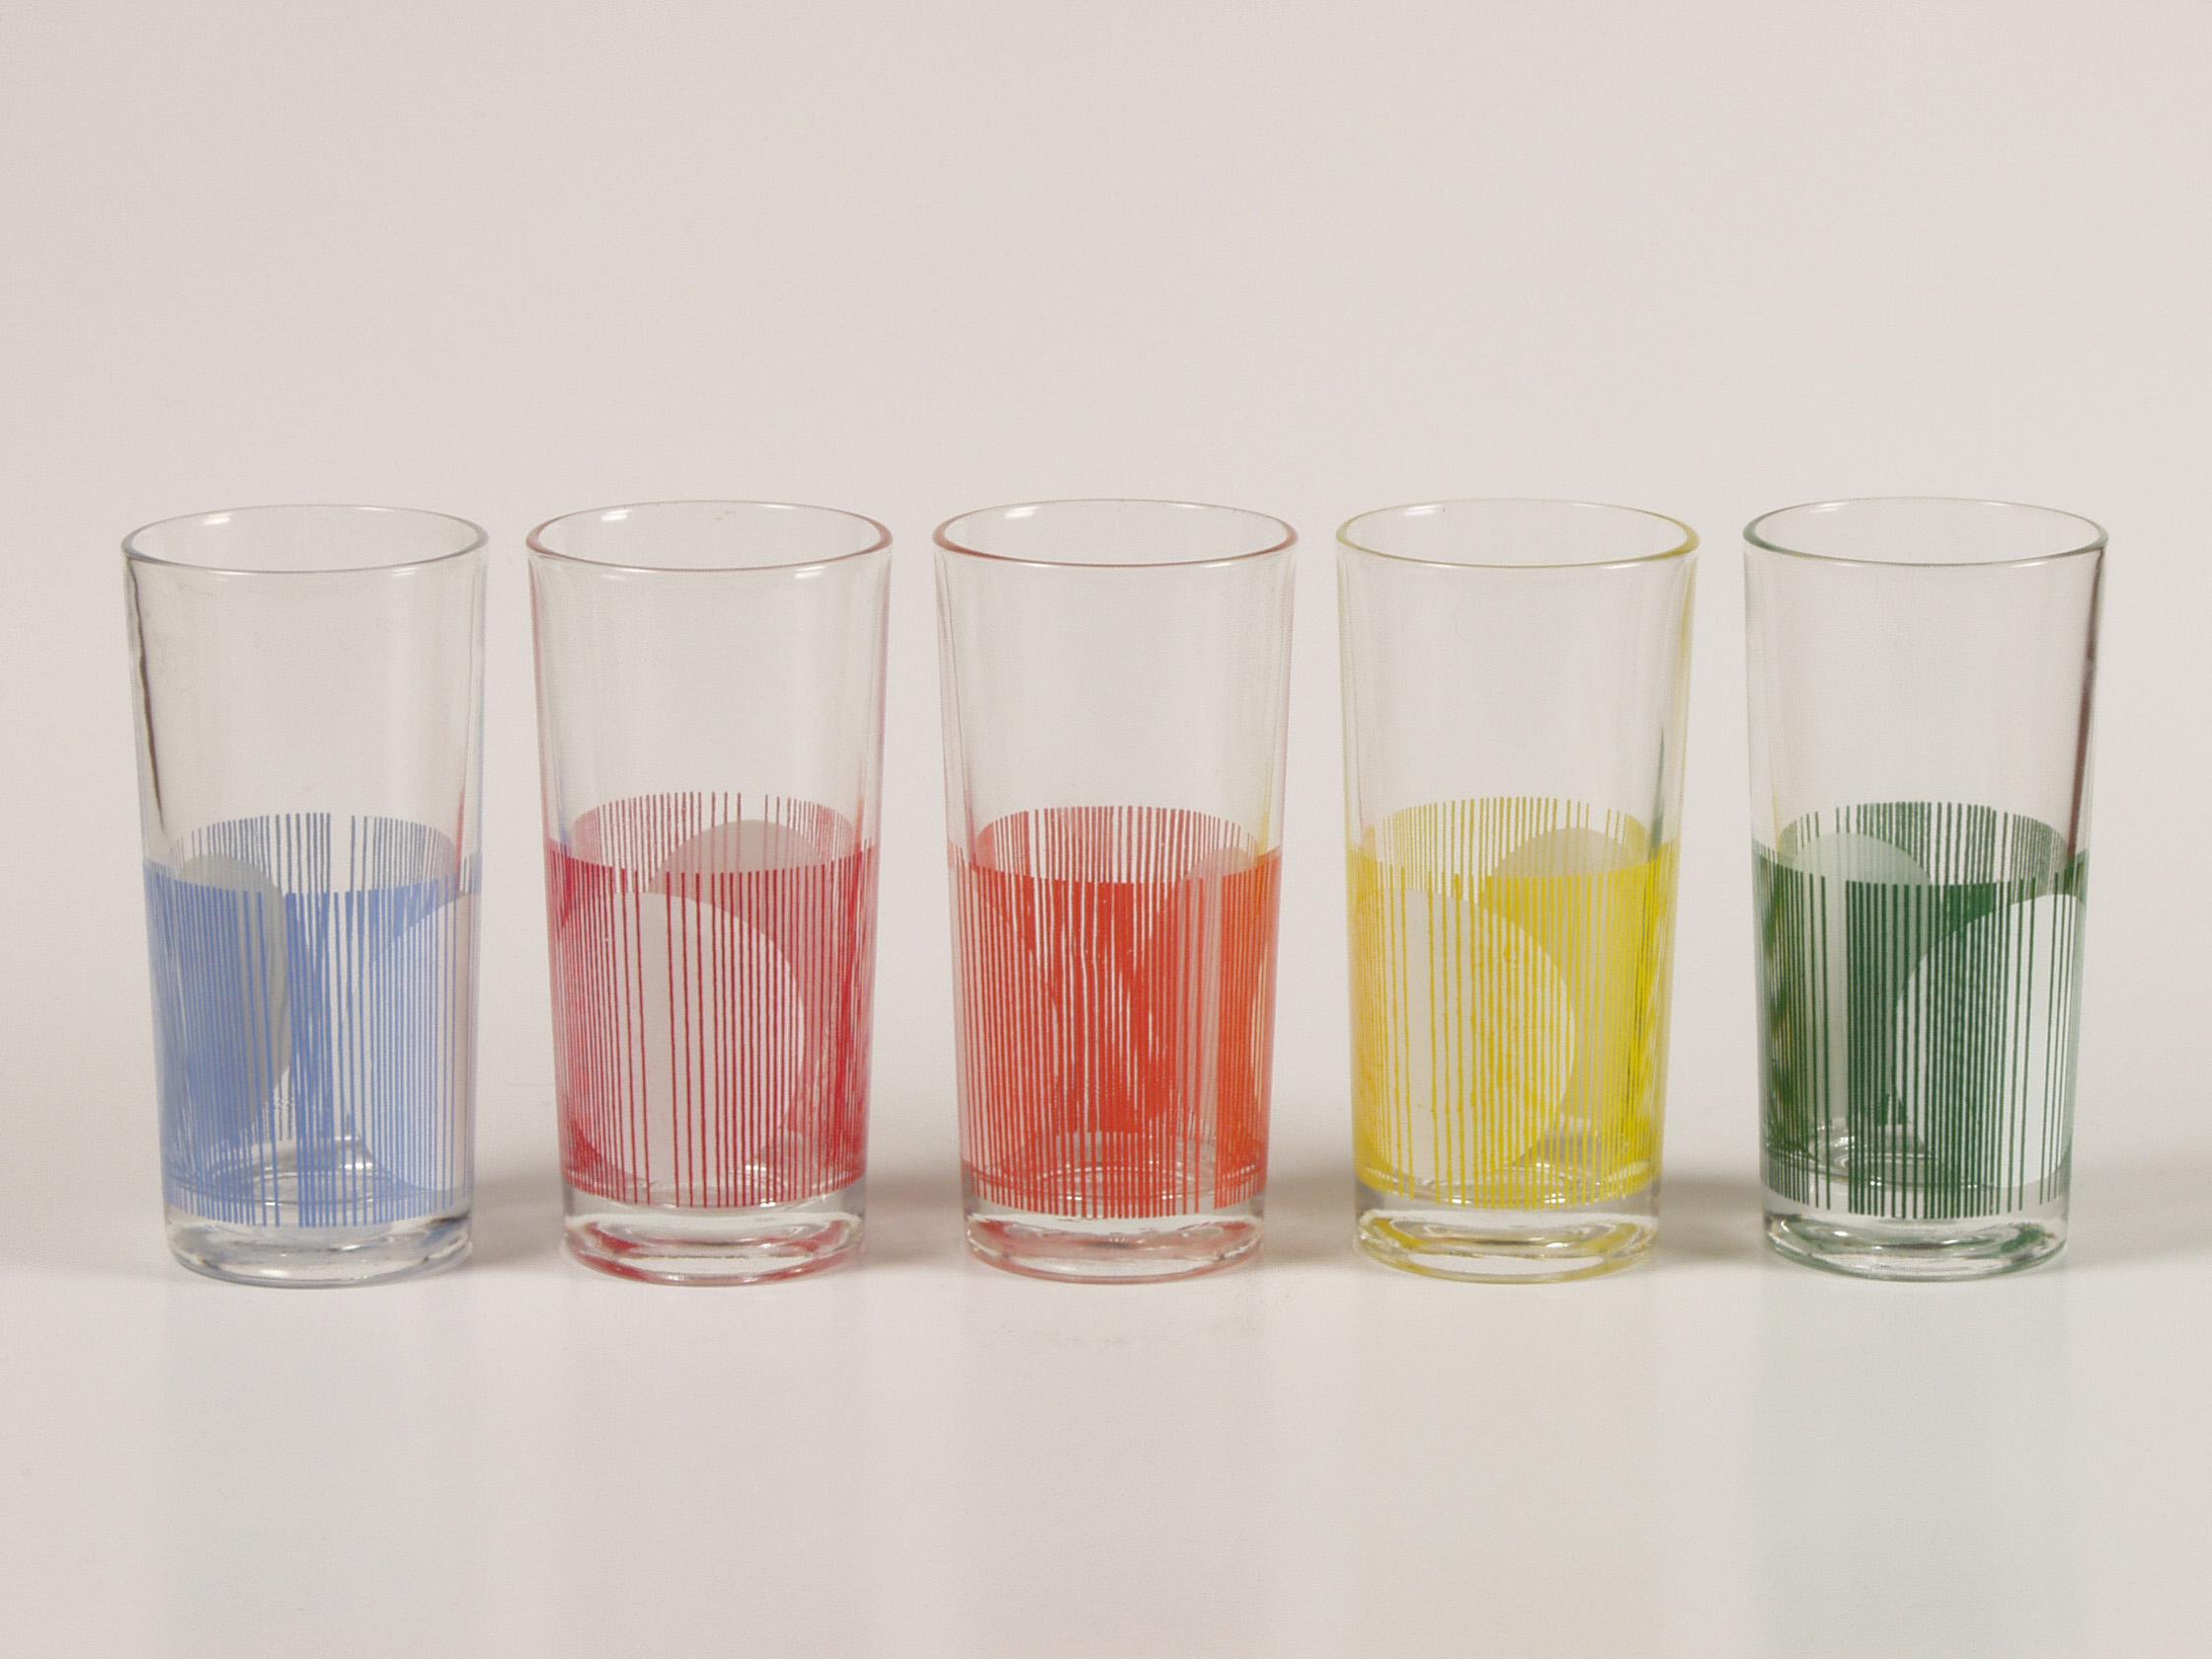 07 bicchiere cilindrico for Serigrafia bicchieri